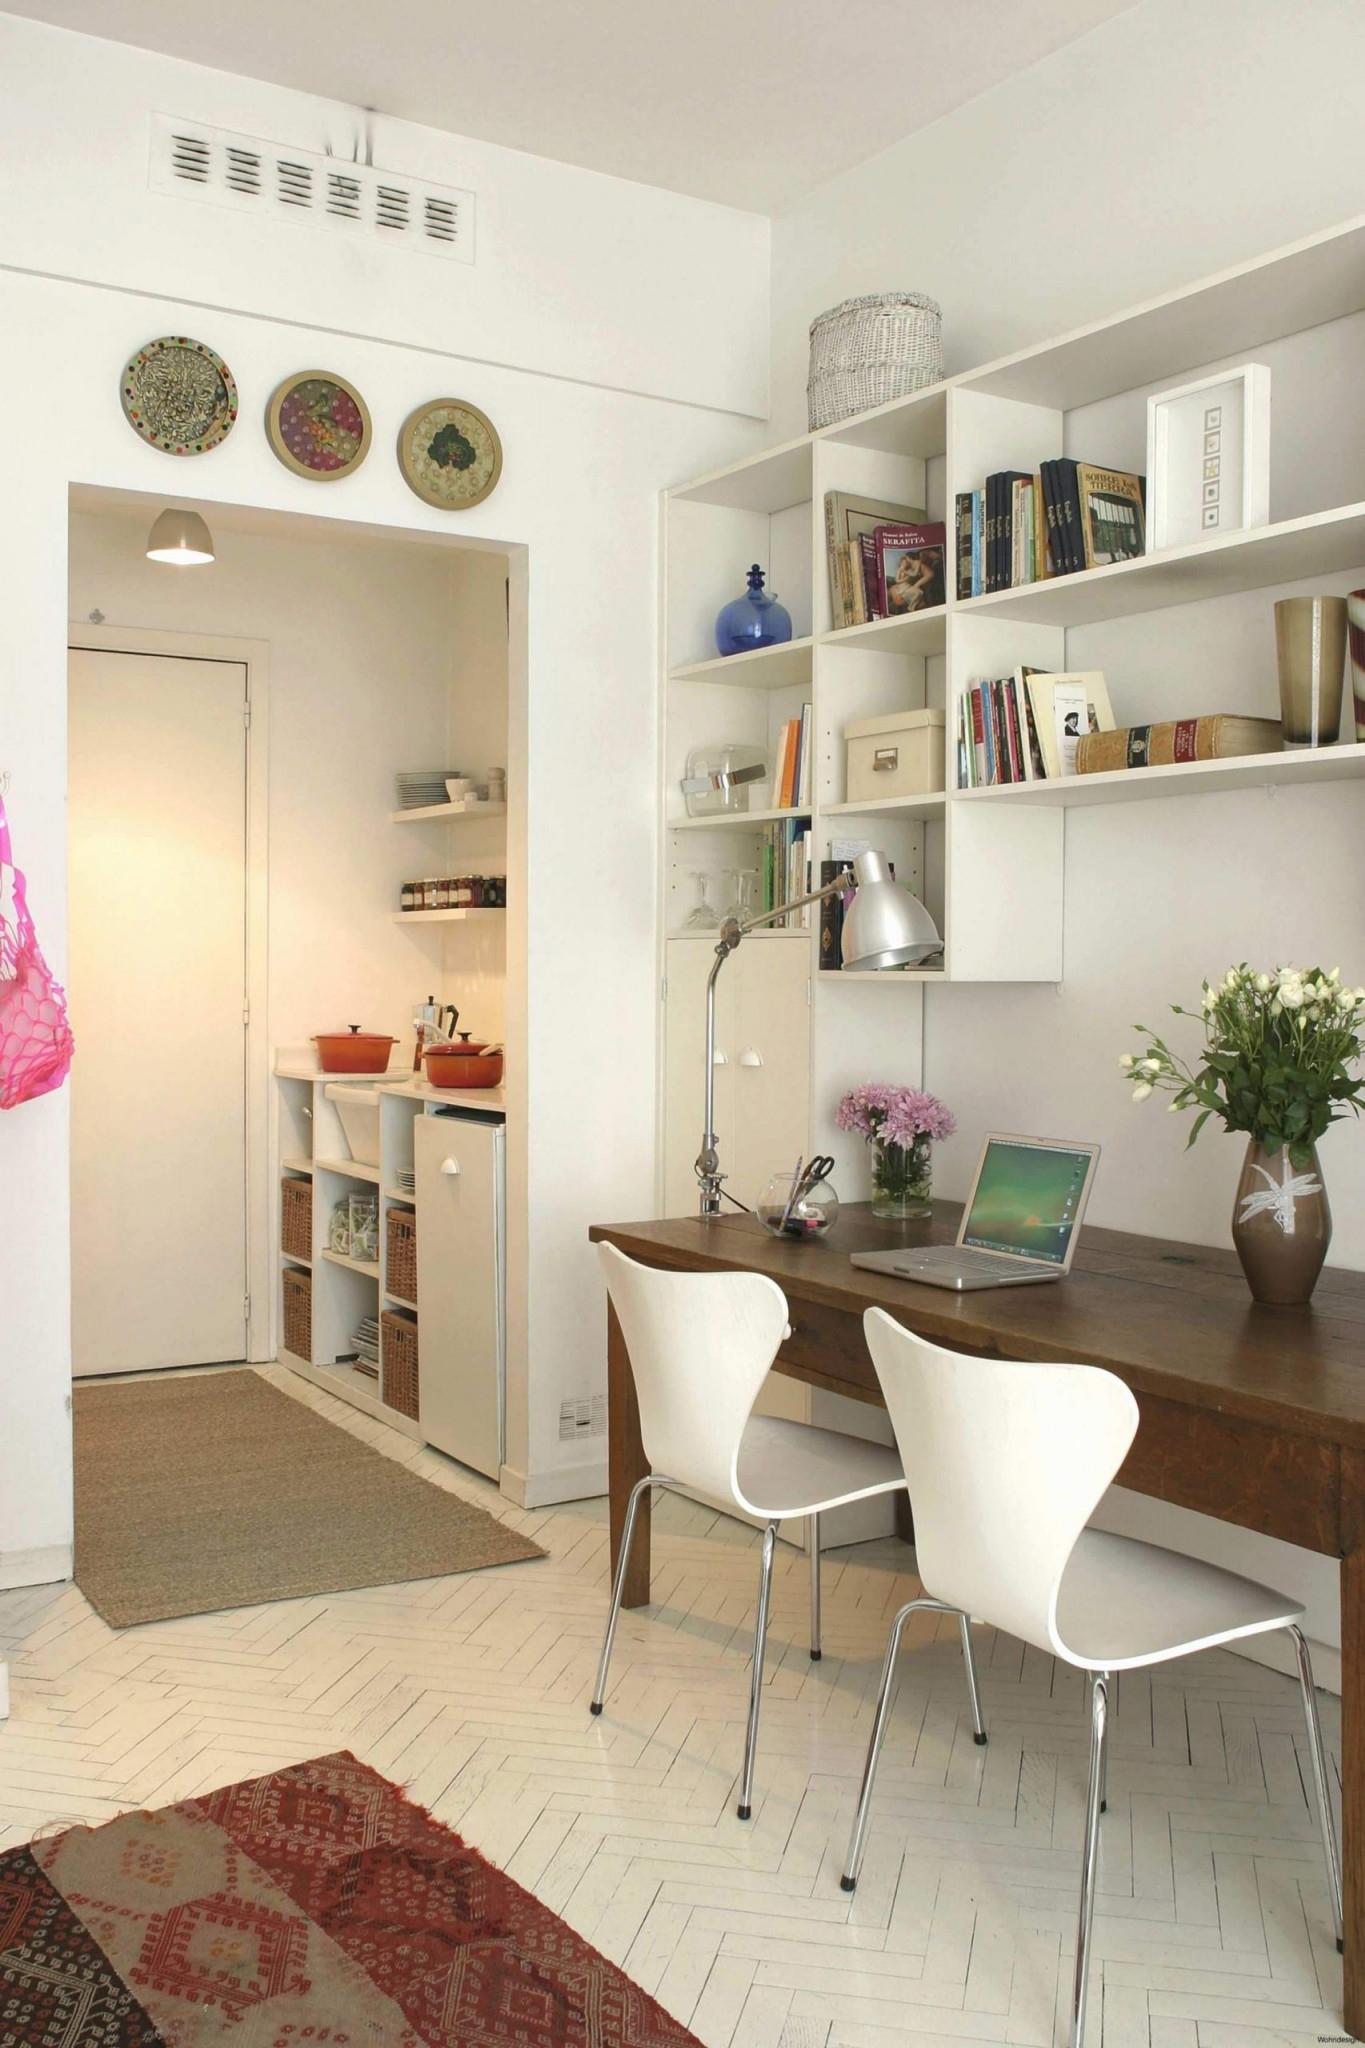 30 Luxus Kleines Wohnzimmer Mit Essbereich Einrichten von Kleines Wohnzimmer Einrichten Mit Esstisch Bild